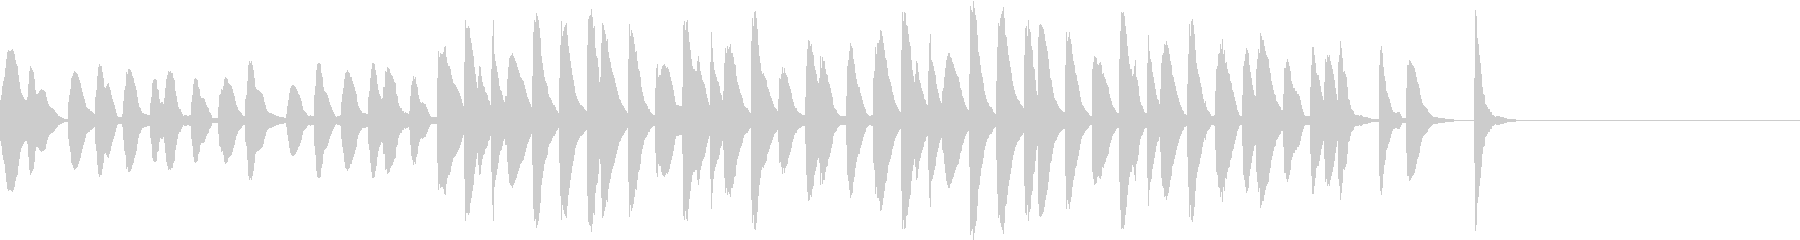 マリンバのコミカルでかわいいジングル3の未再生の波形